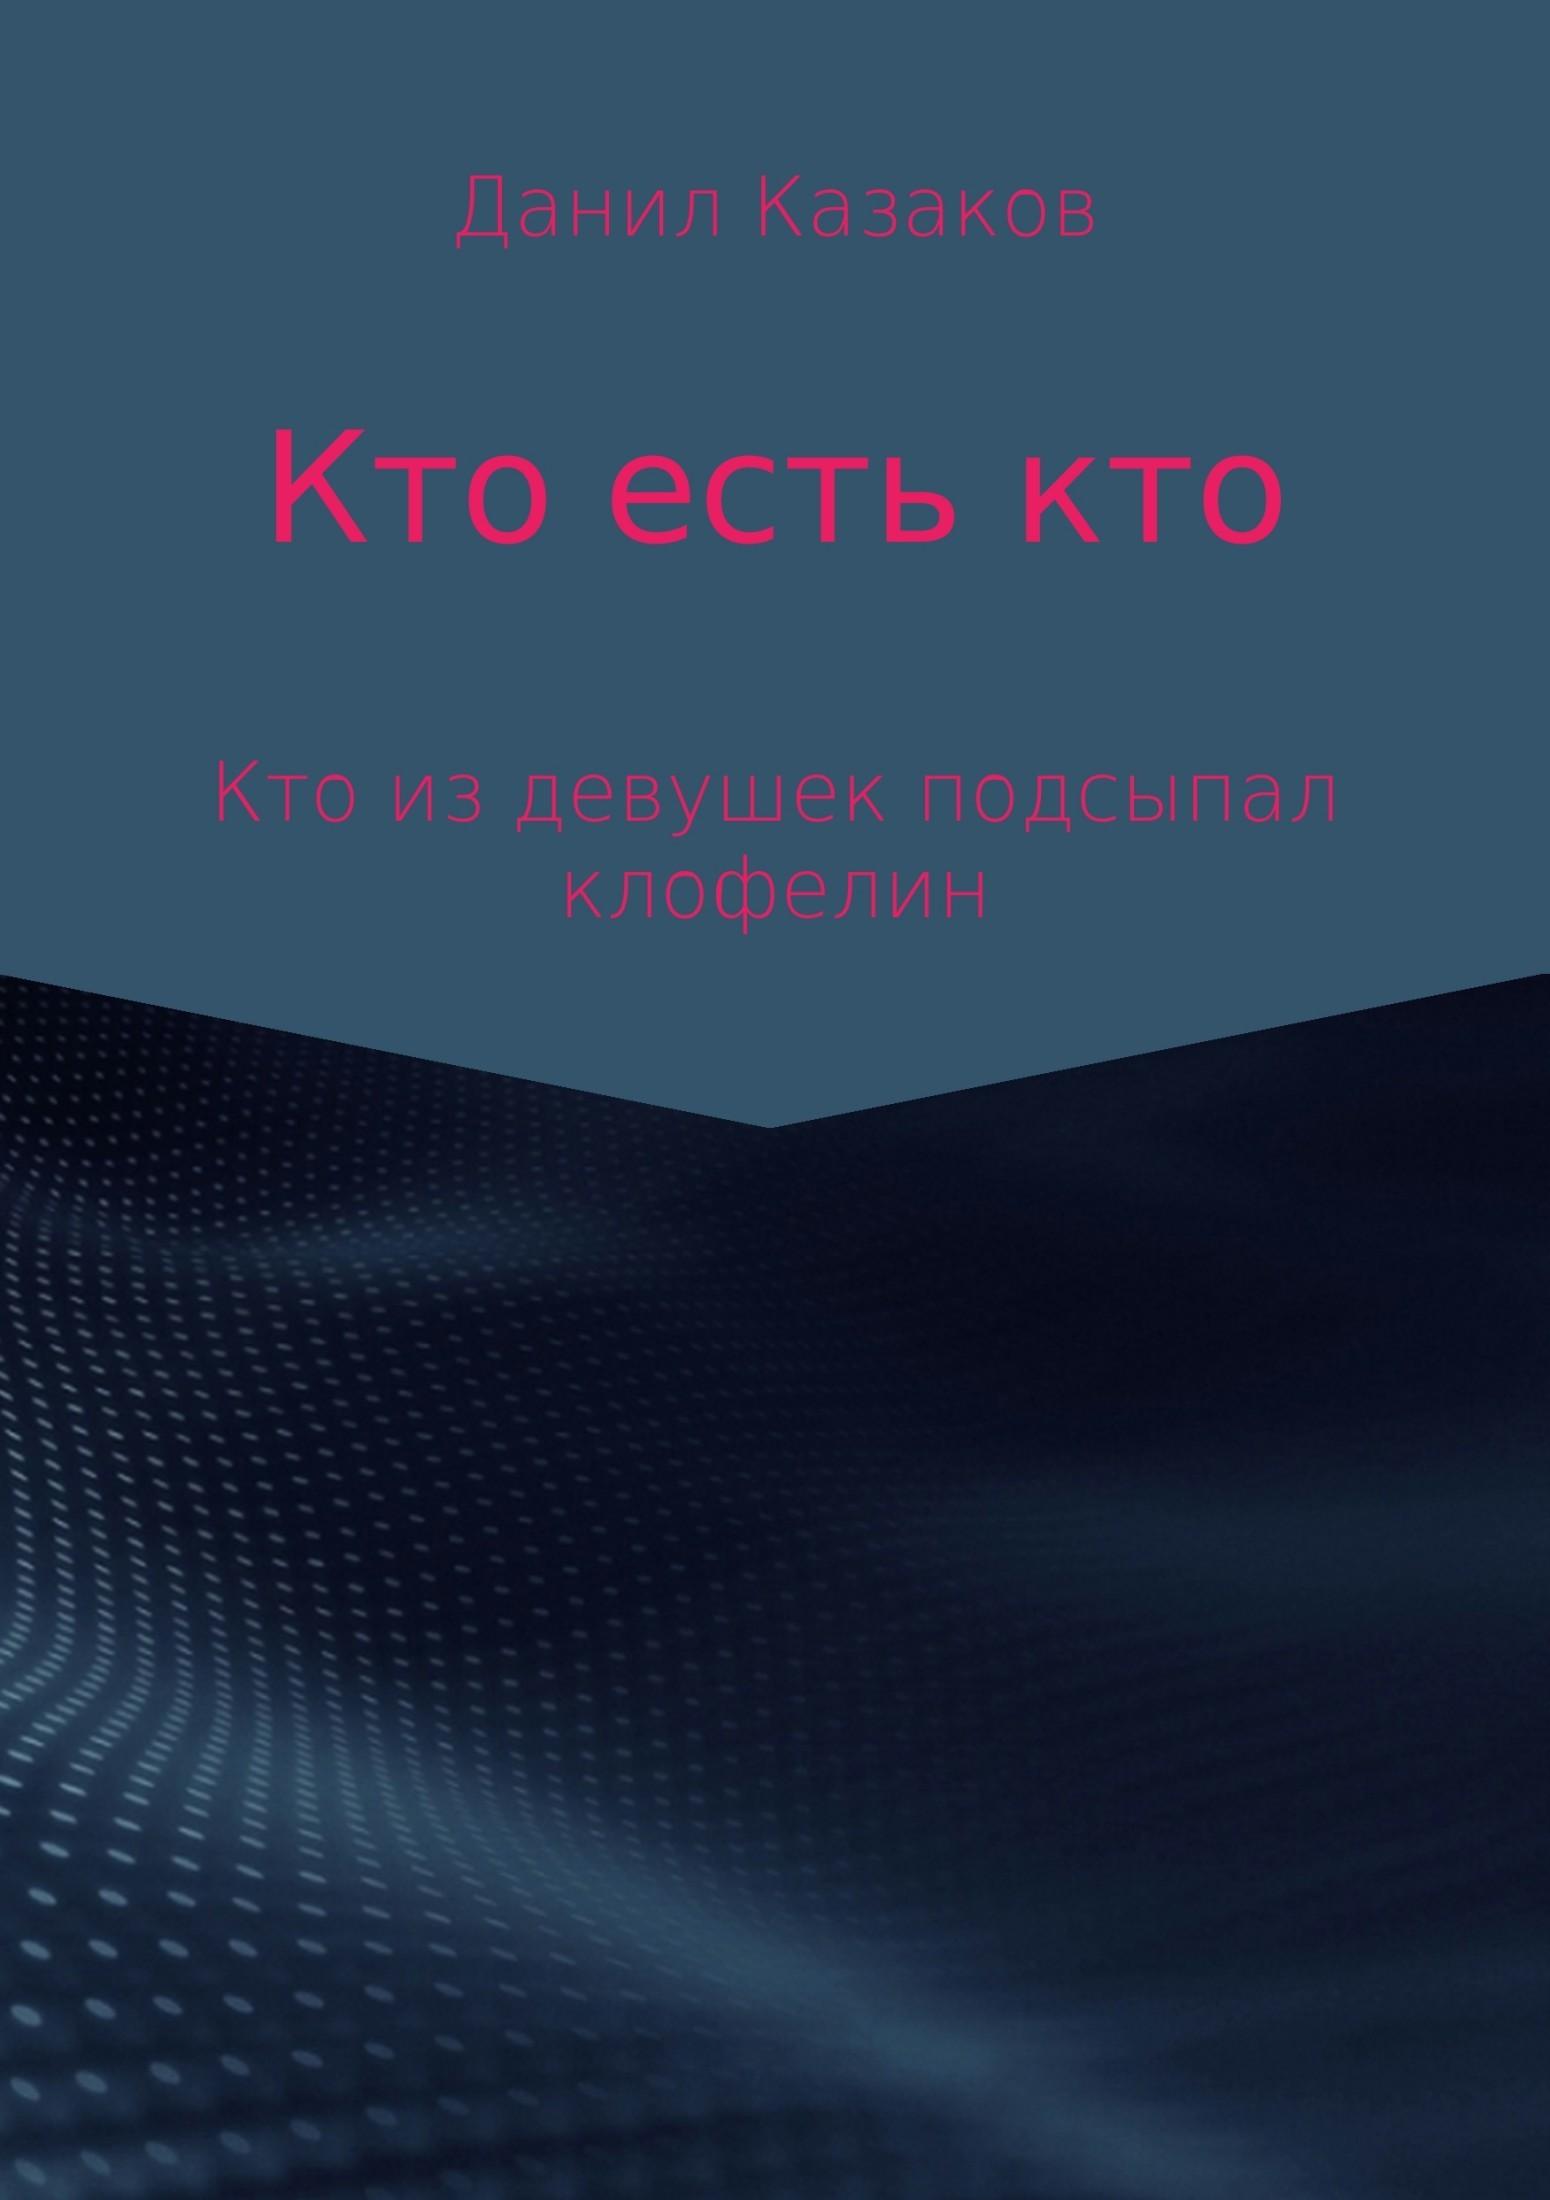 Данил Васильевич Казаков Кто есть кто данил васильевич казаков монтекки и капулетти